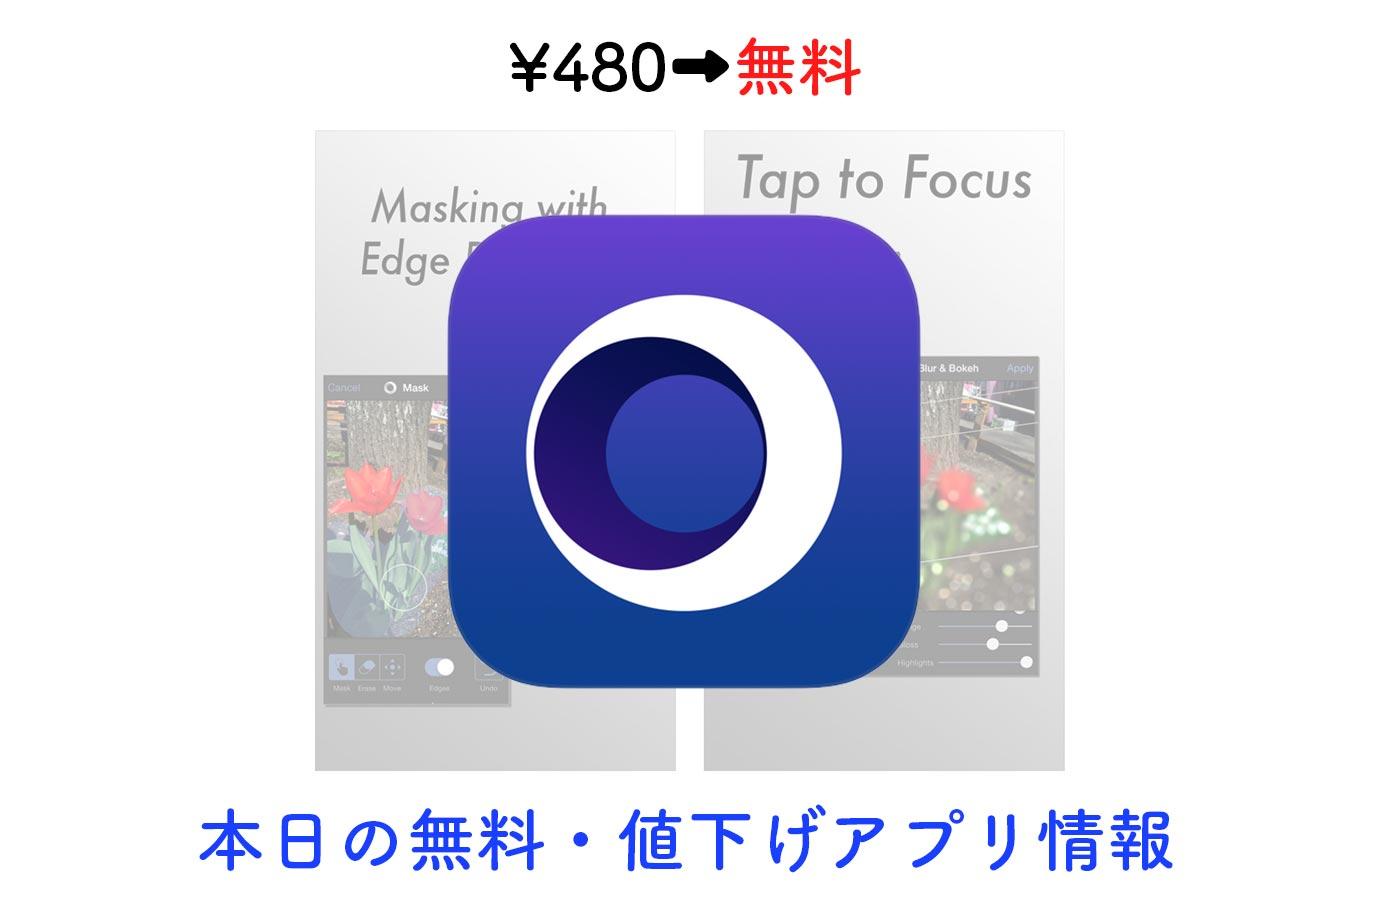 ¥480→無料、一眼レフ風のボケのある美しい写真が作れる「Tadaa SLR」など【10/22】本日の無料・値下げアプリ情報